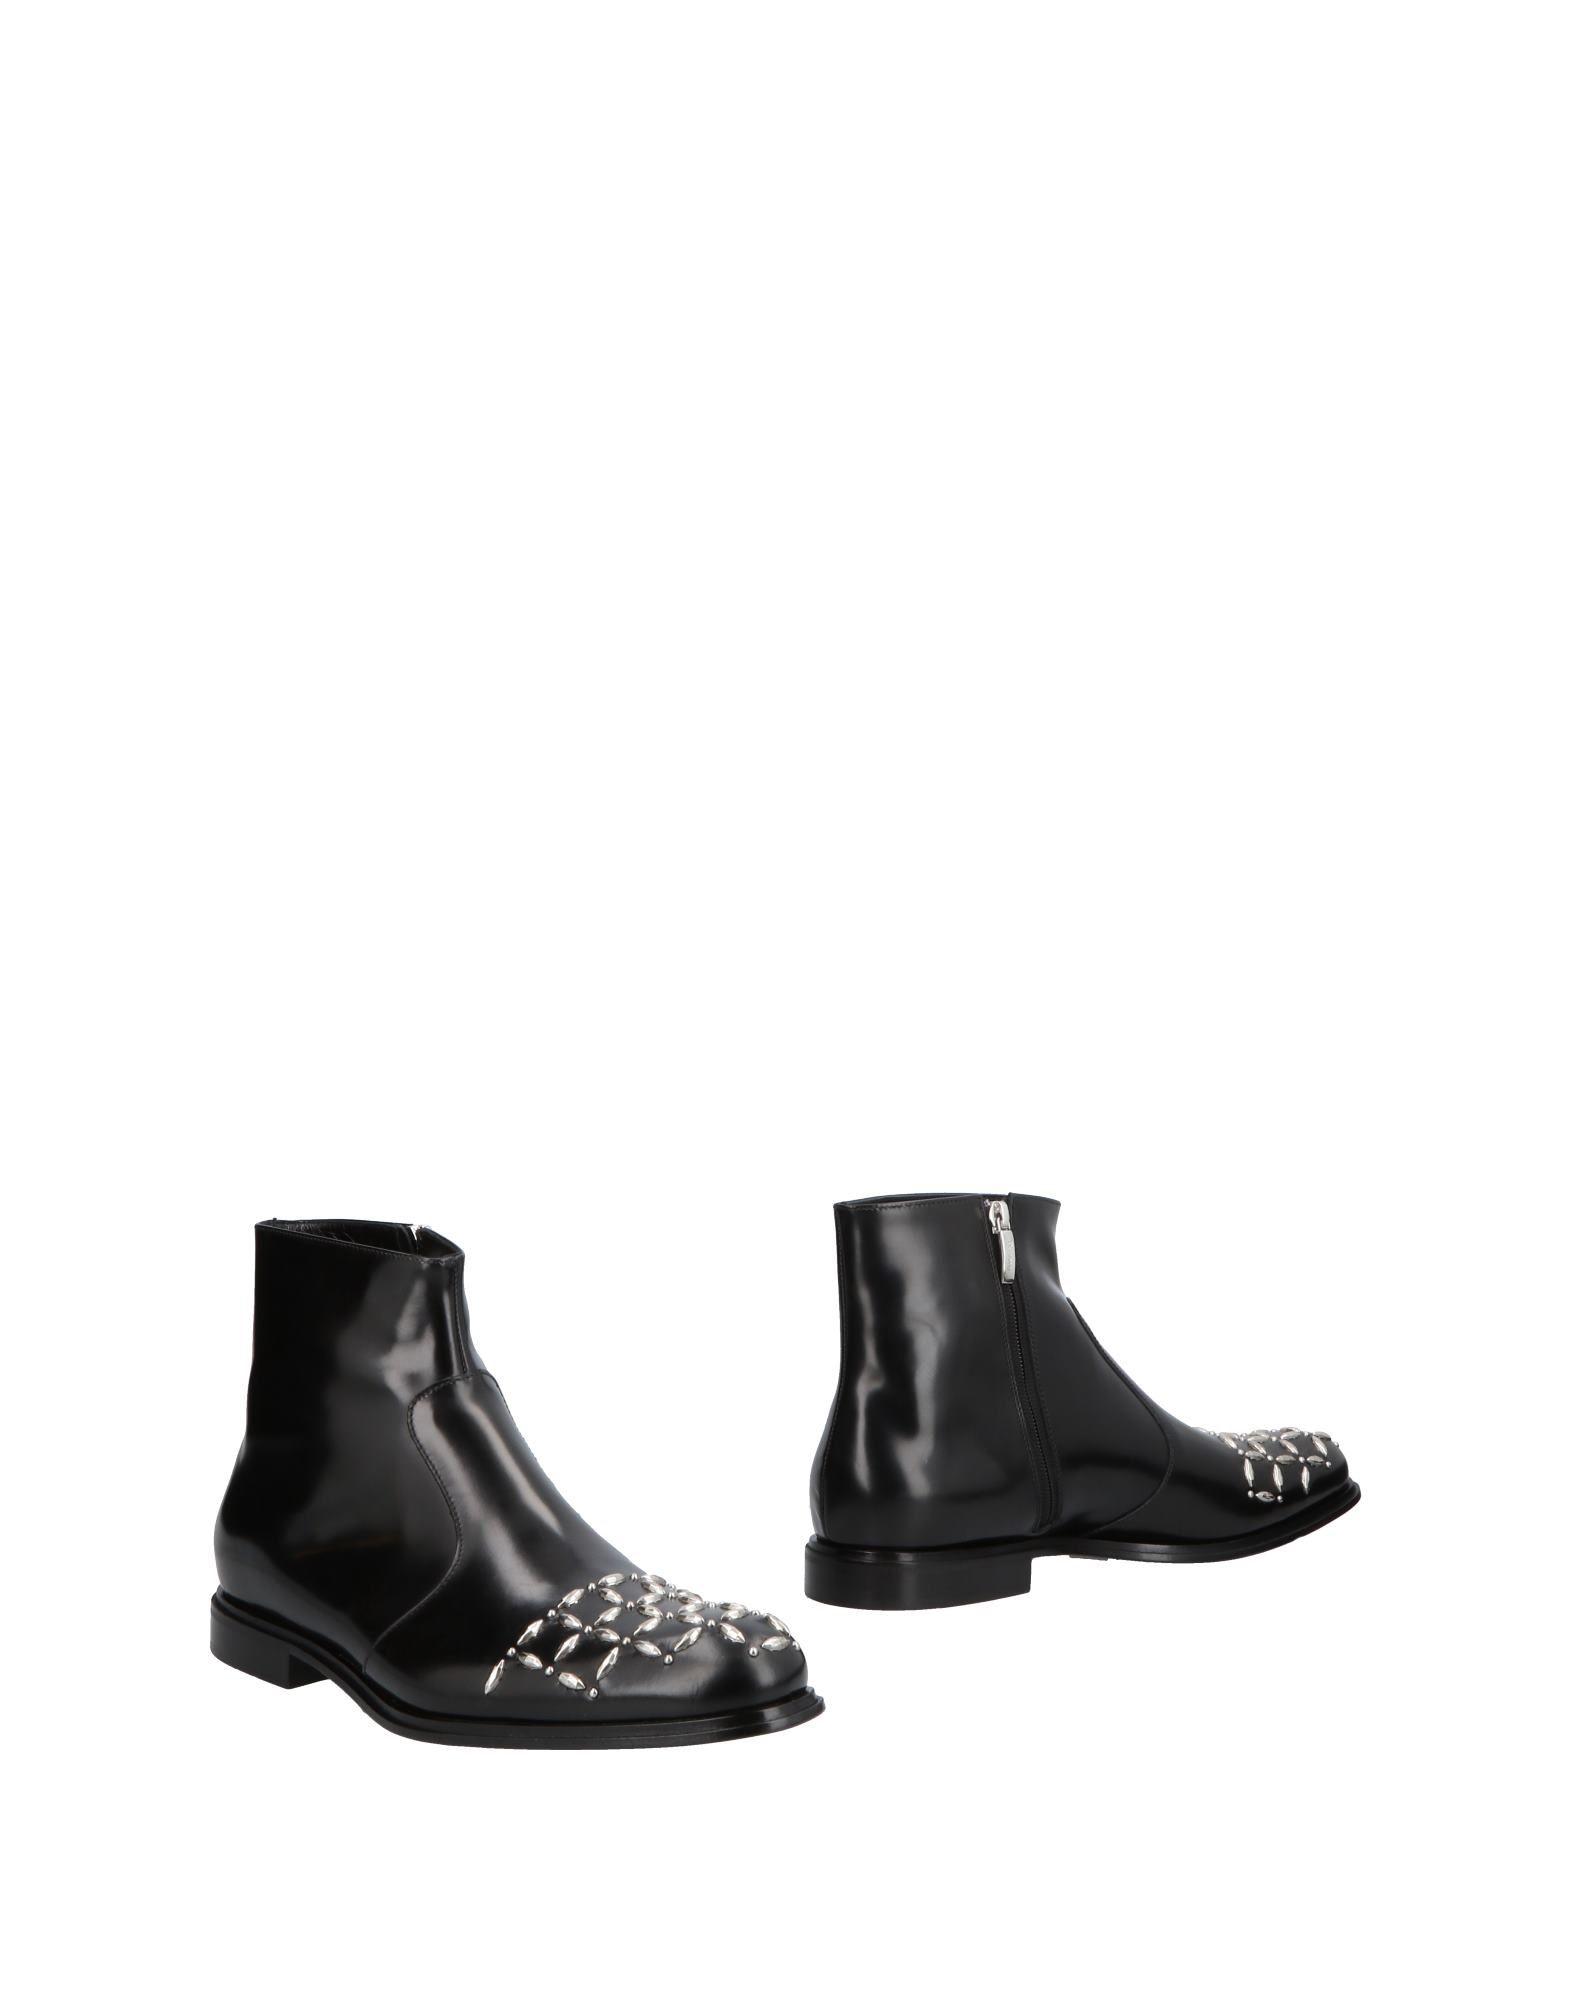 Cesare Paciotti Stiefelette Herren beliebte  11505023GK Gute Qualität beliebte Herren Schuhe 3b10fd